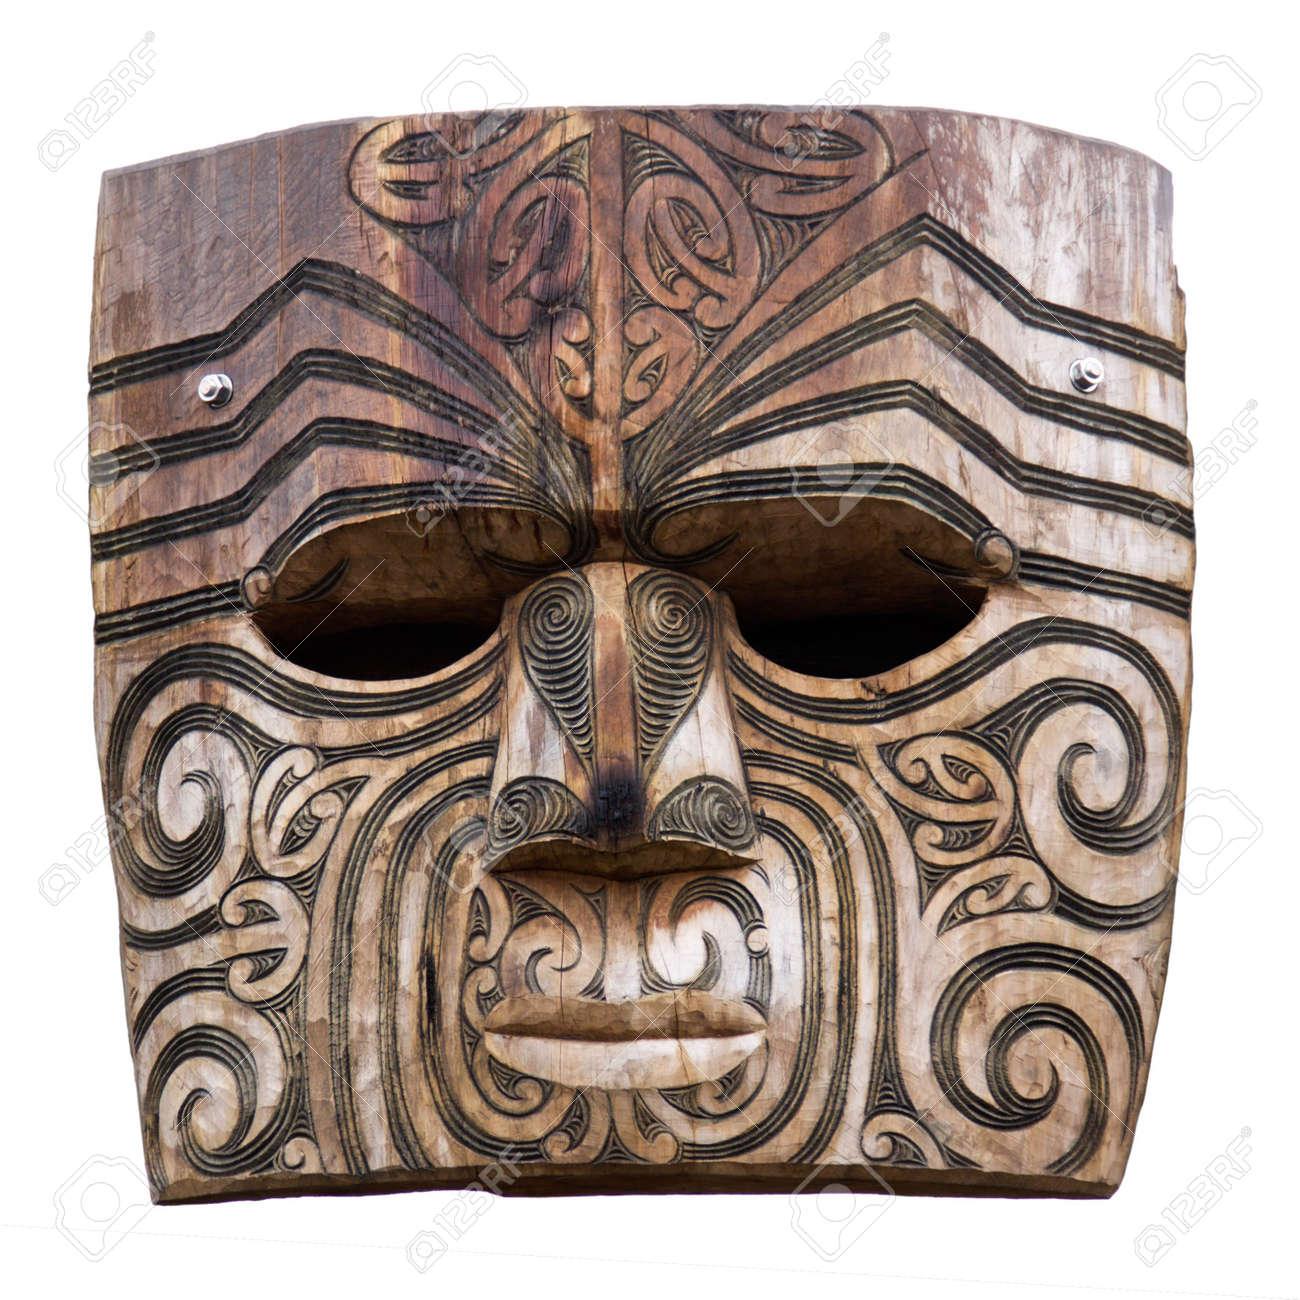 Maori carving Stock Photo - 4786655